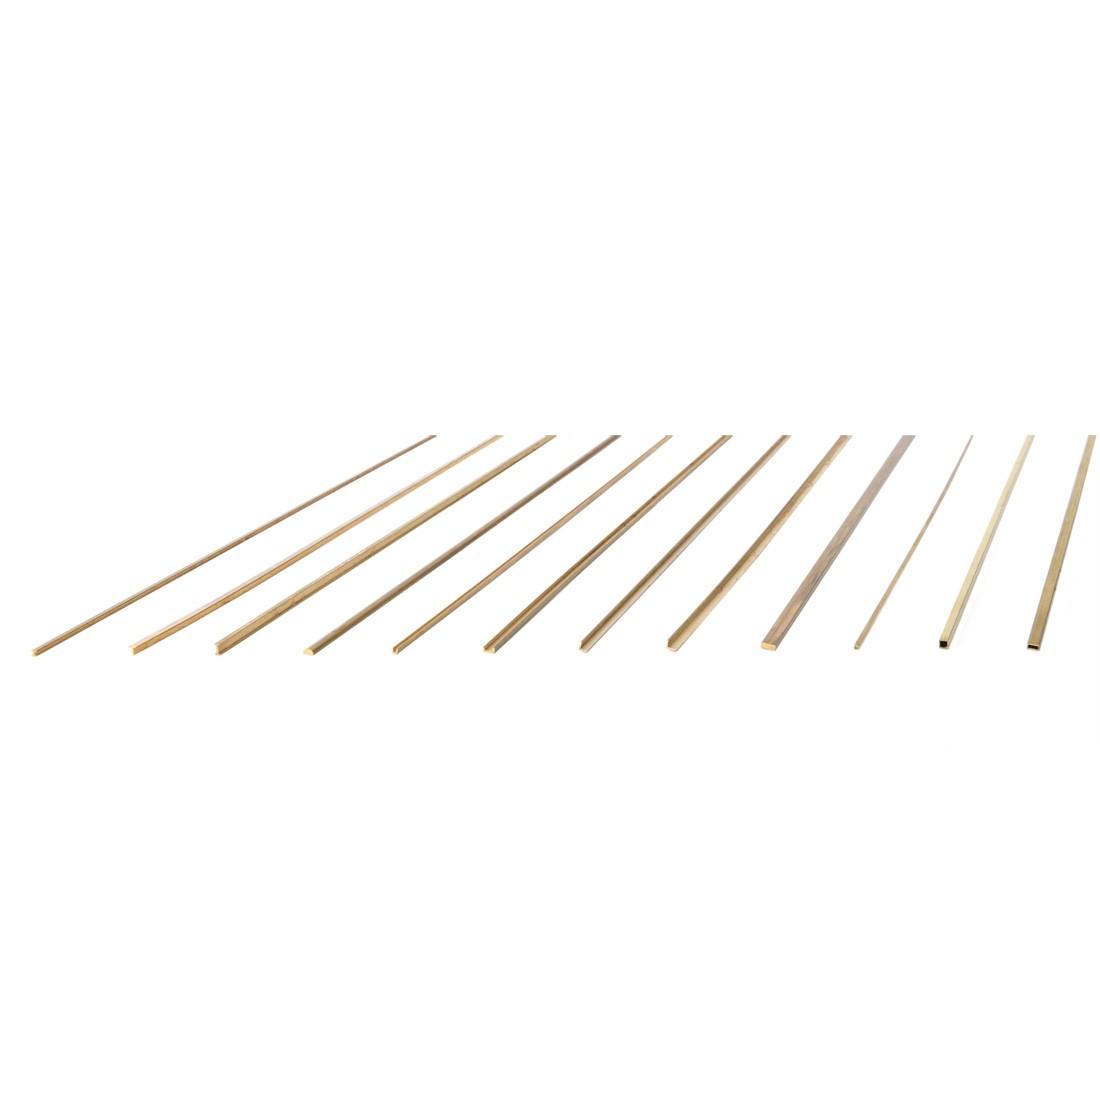 Micro profils laiton 1x1x500